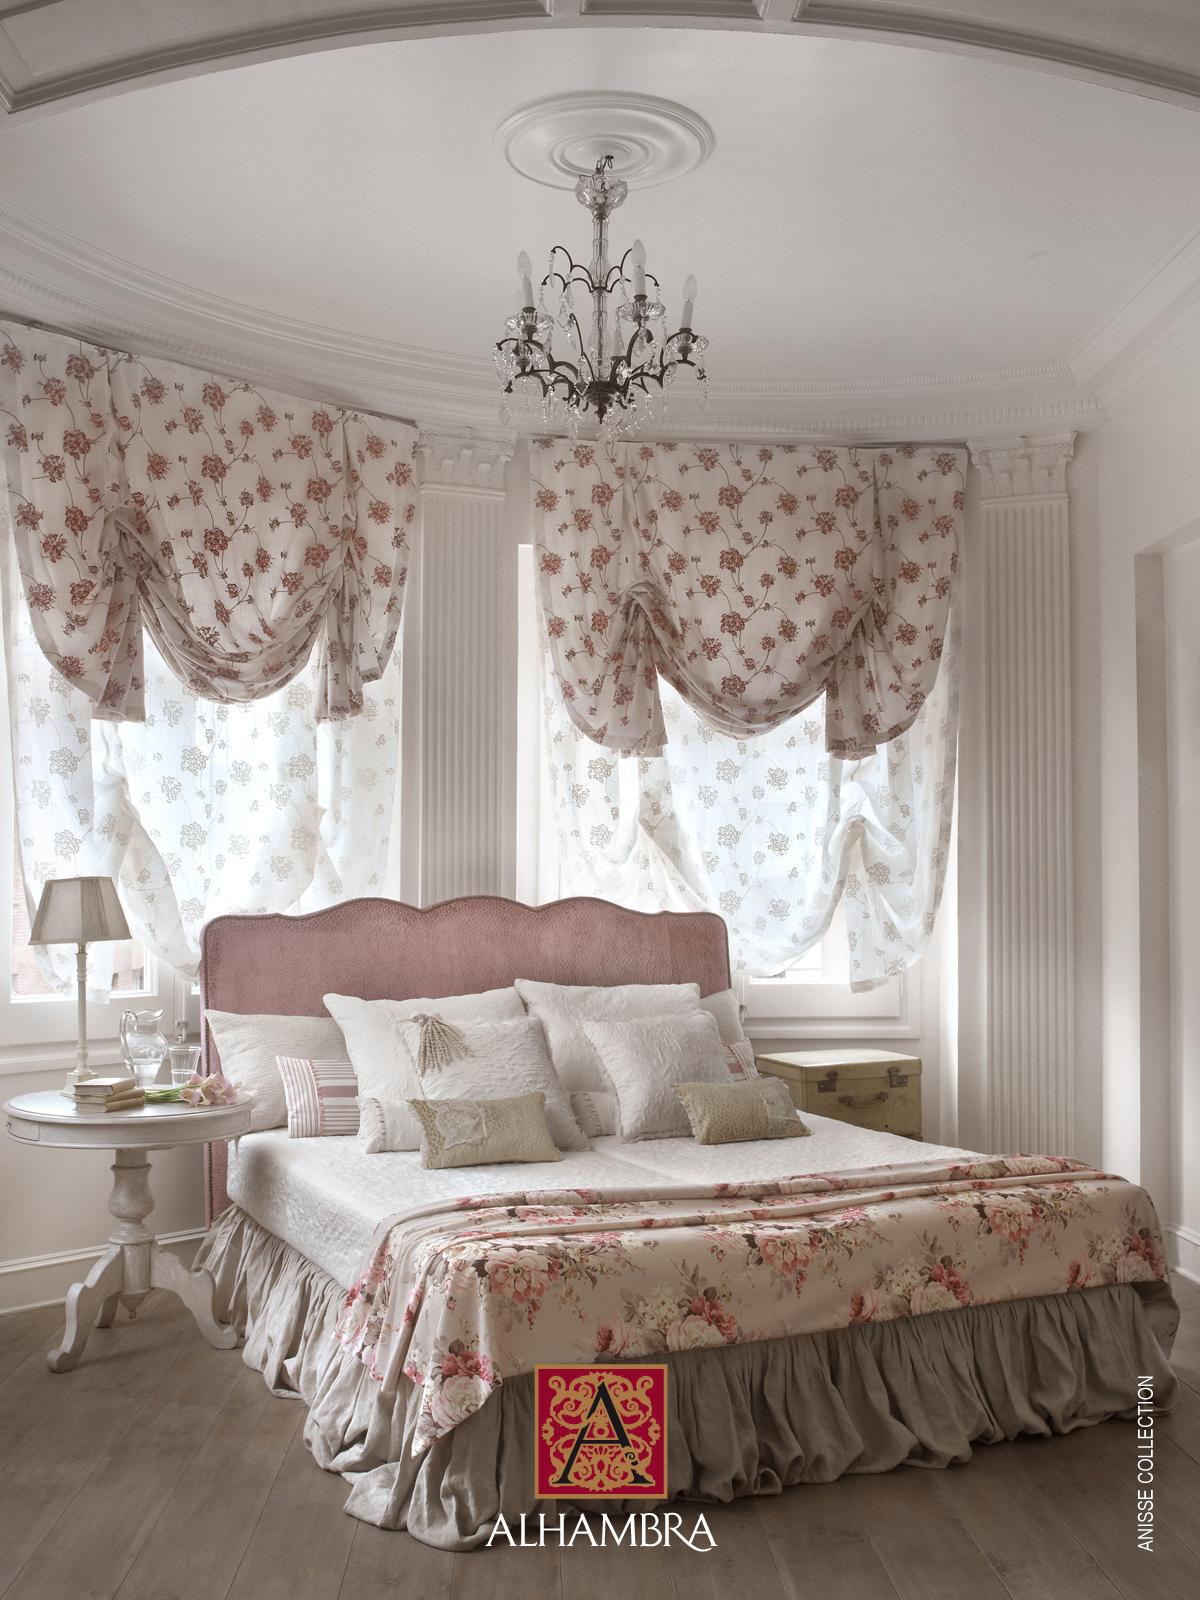 Decora con telas rom nticas villalba interiorismo - Telas bordadas para cortinas ...